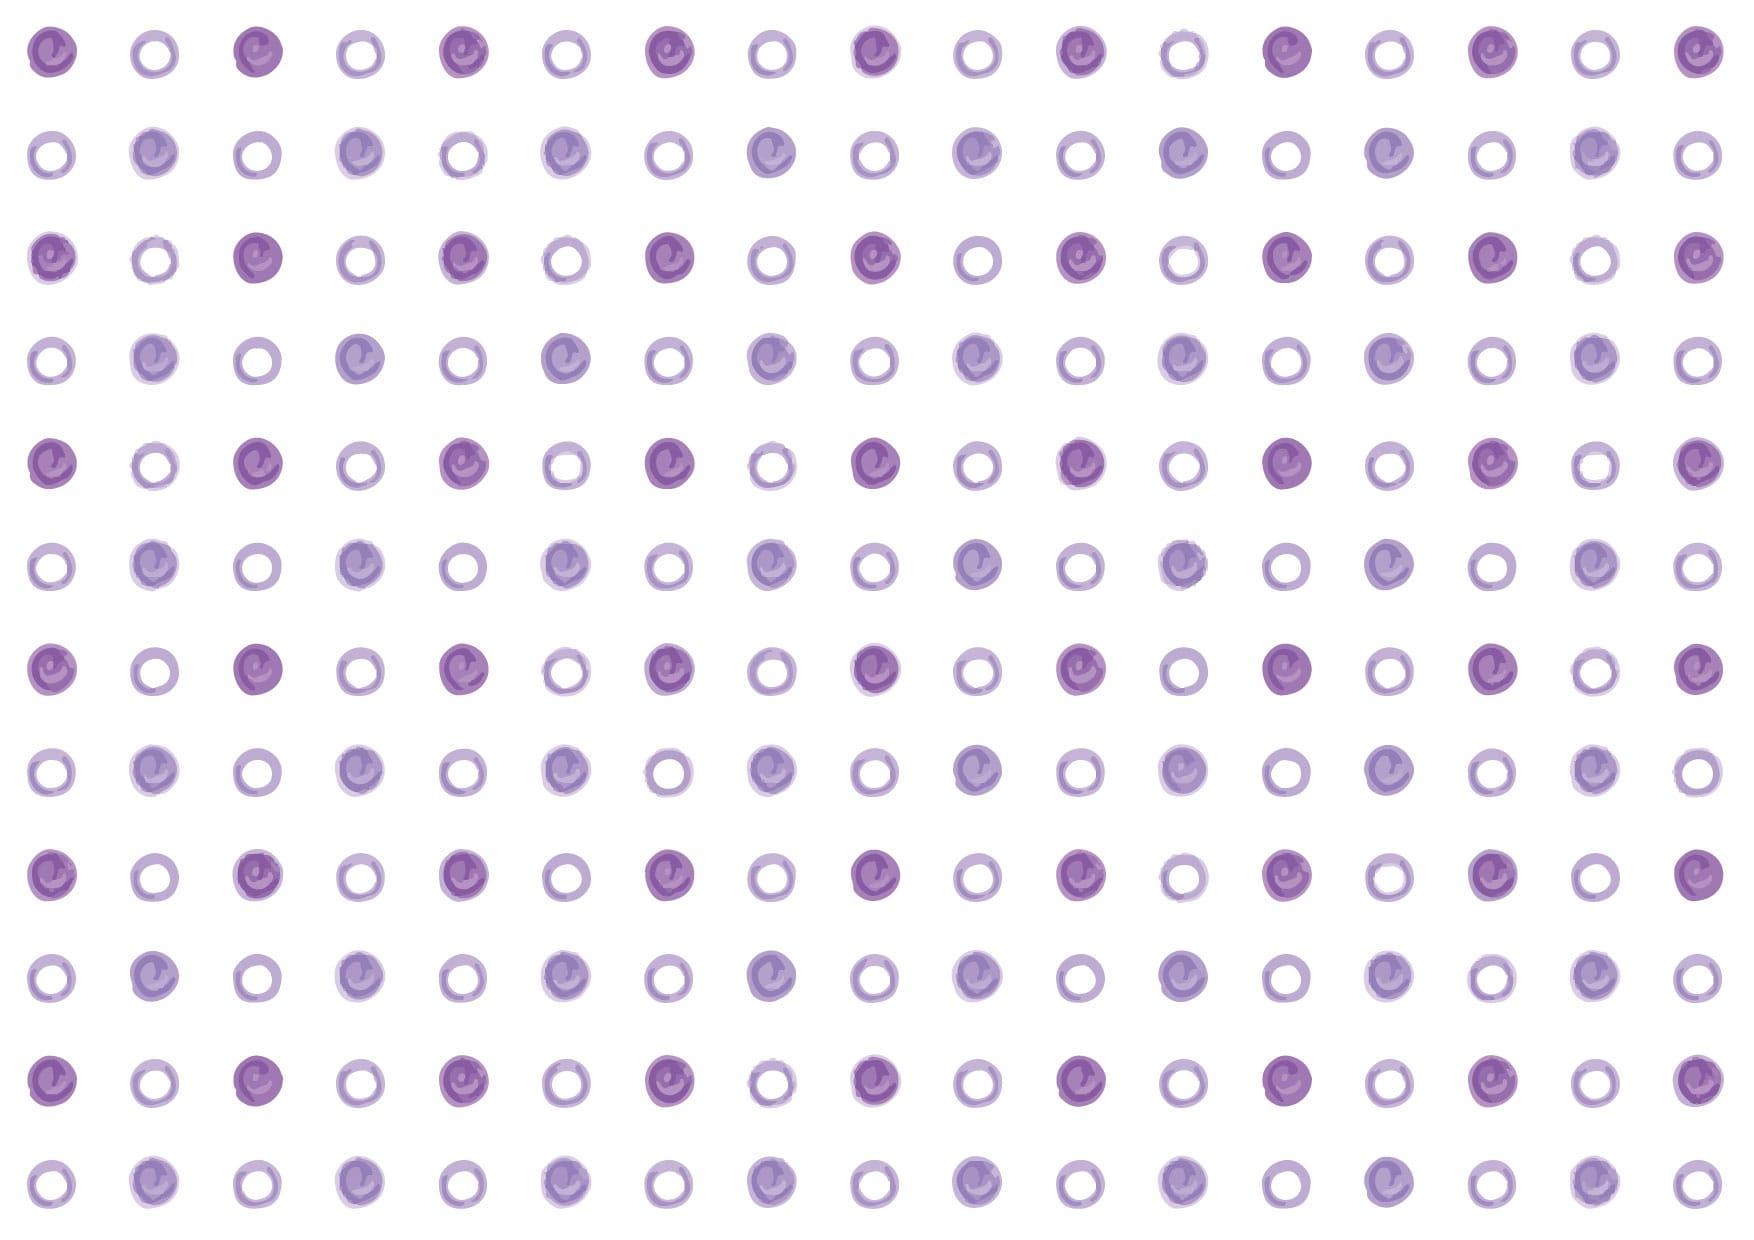 可愛いイラスト無料|水玉 手書き 紫色 背景 − free illustration Polka dot handwritten purple background